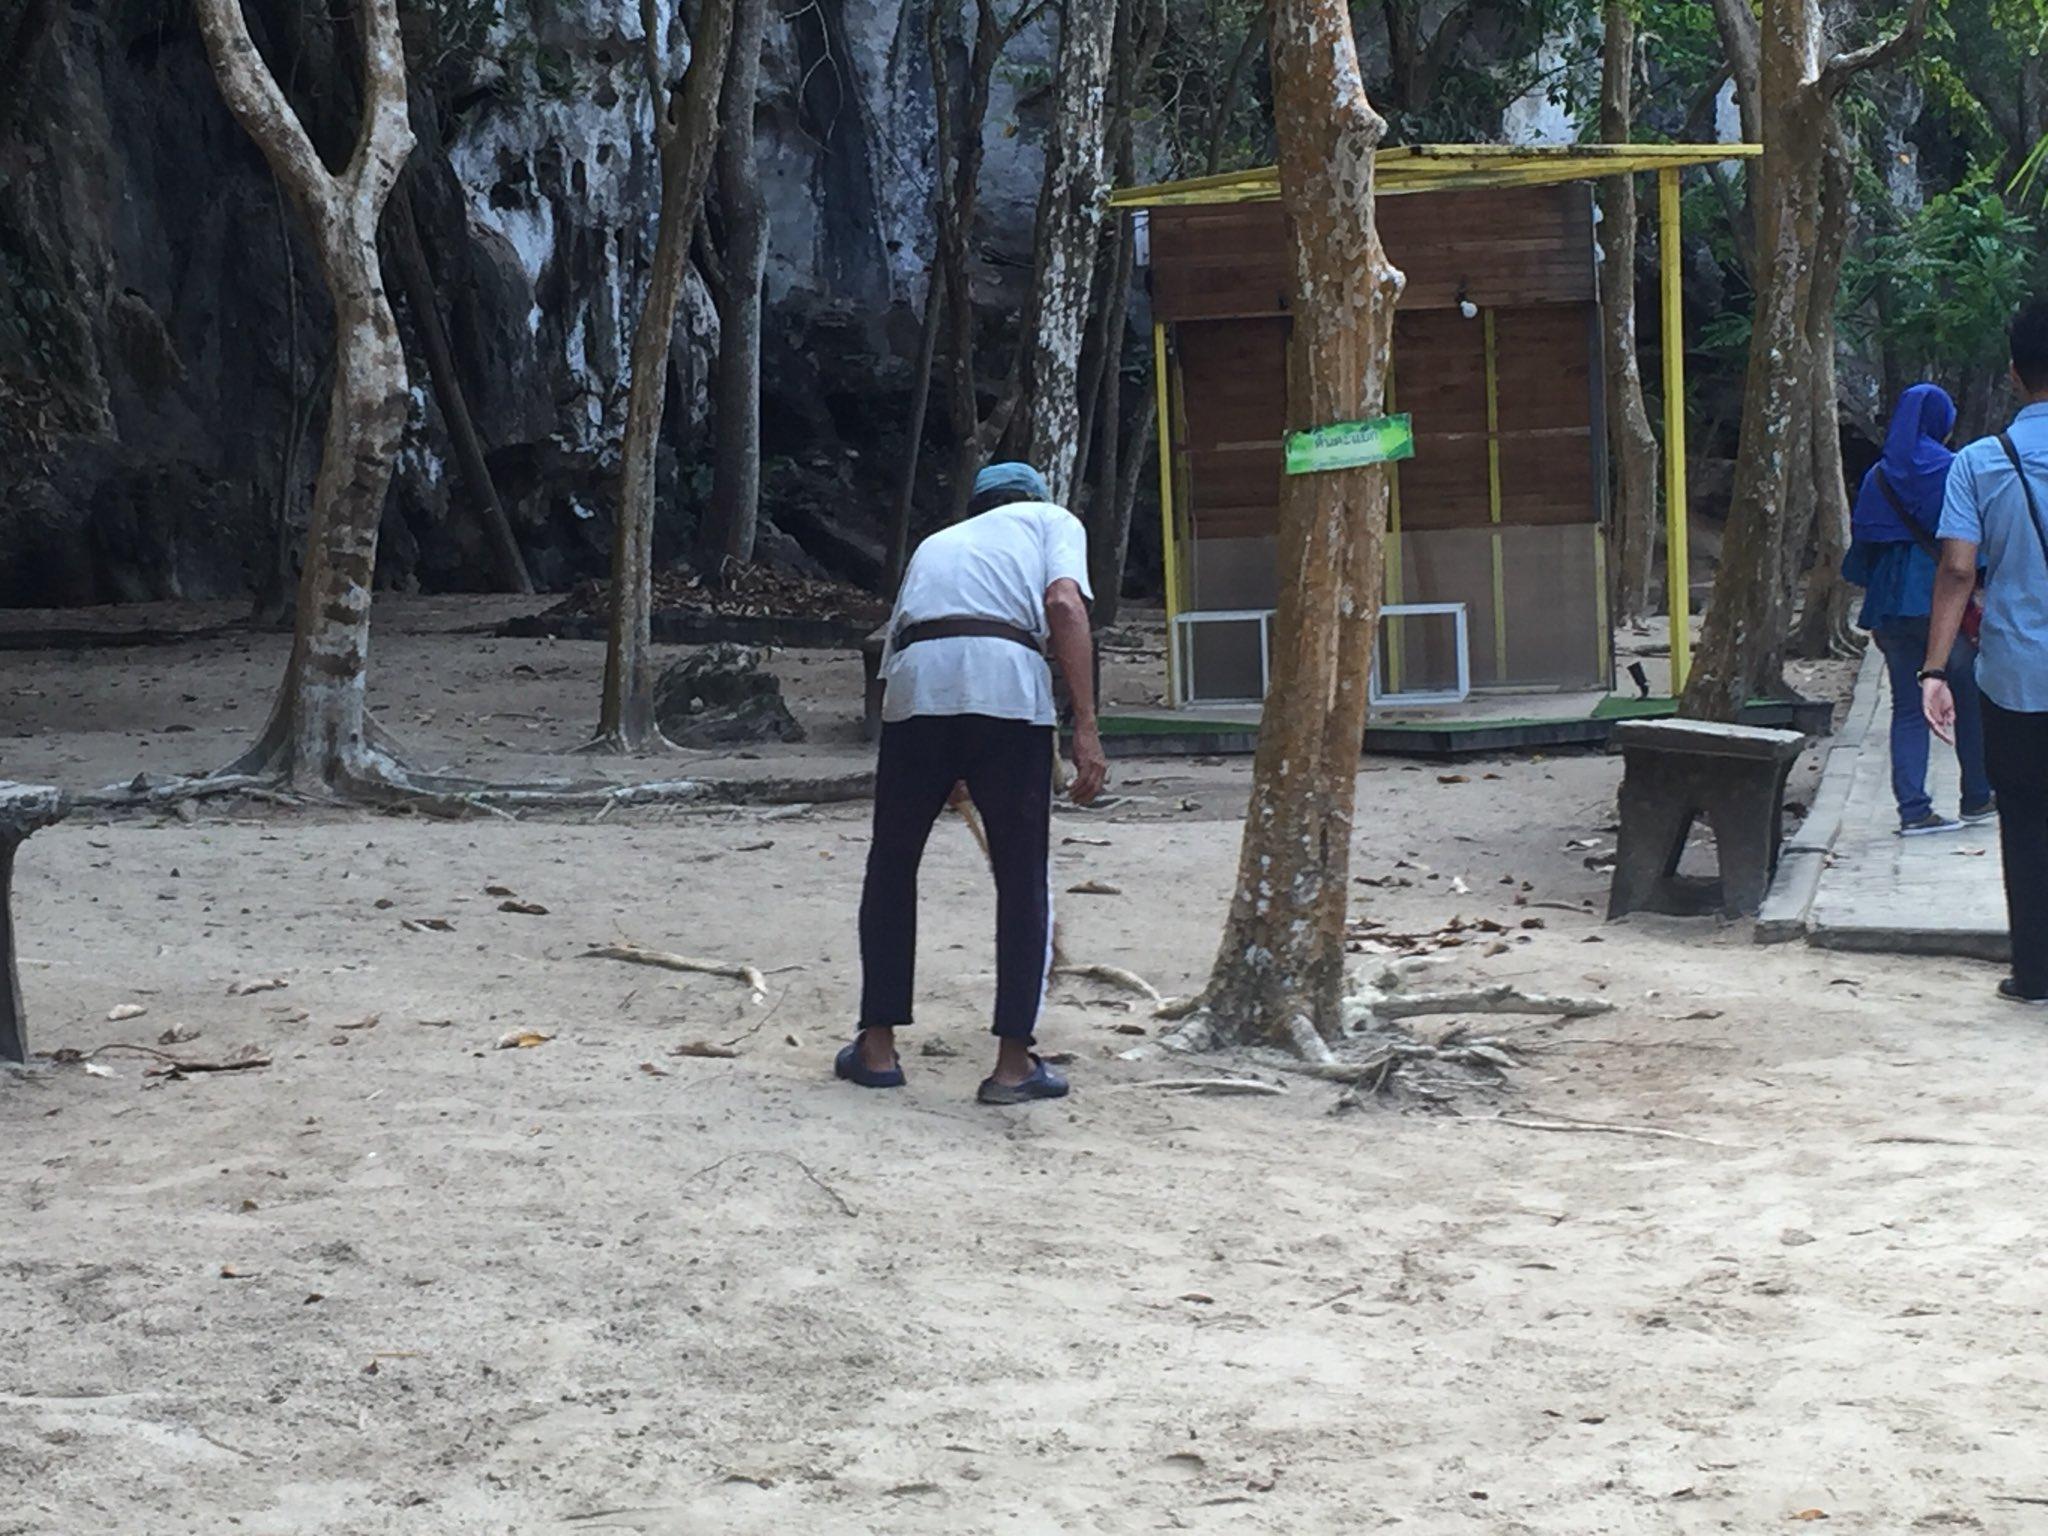 Tukang Sapu Ni Dipuji Pandai Ambil Gambar Pelancong, Siap Guna Daun Bentuk Love